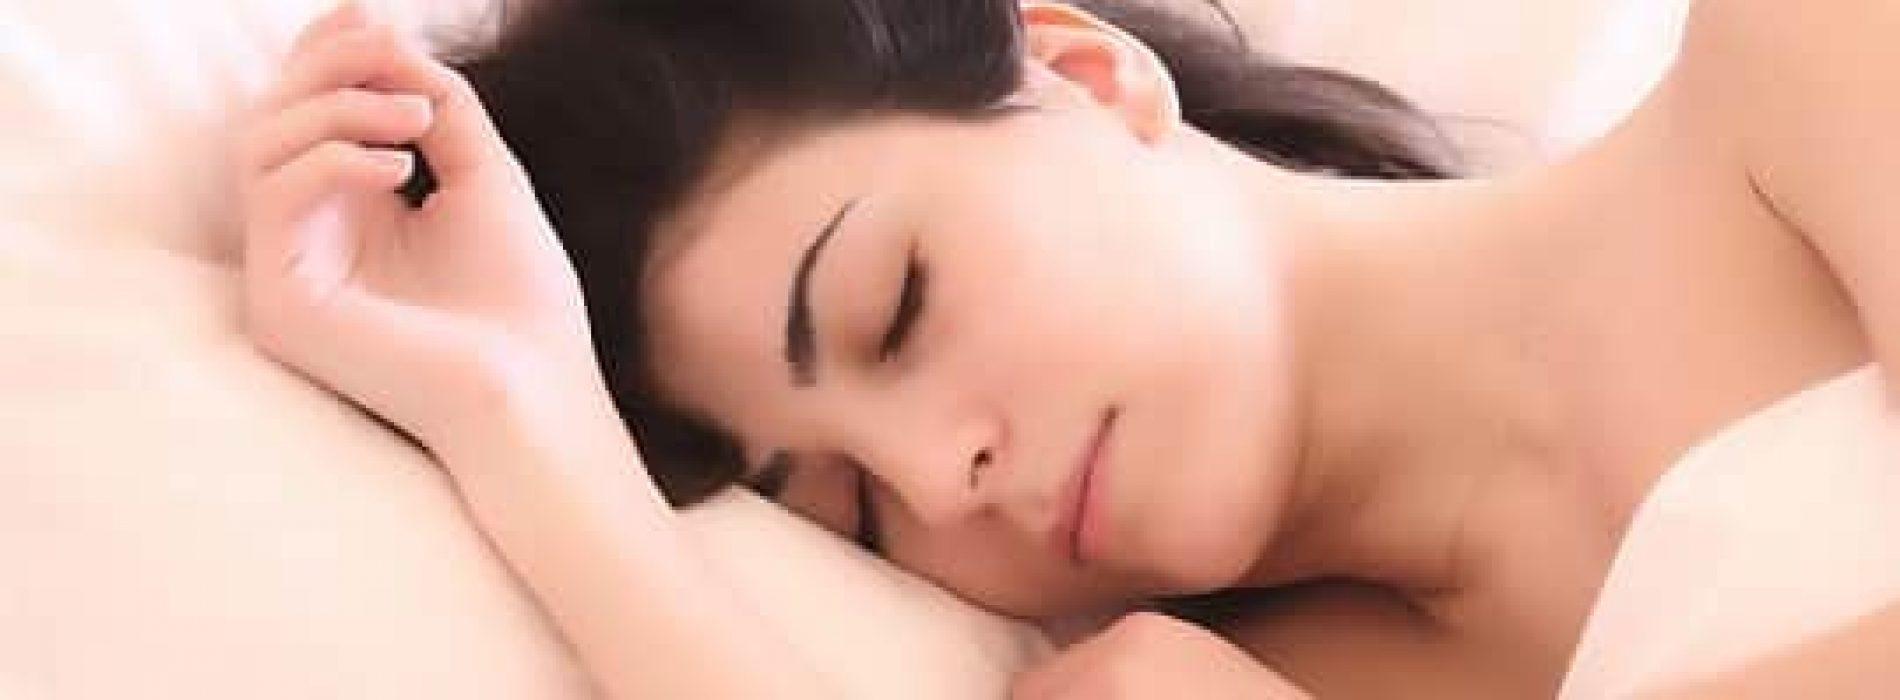 Søvnproblemer? Hvordan få sove godt?